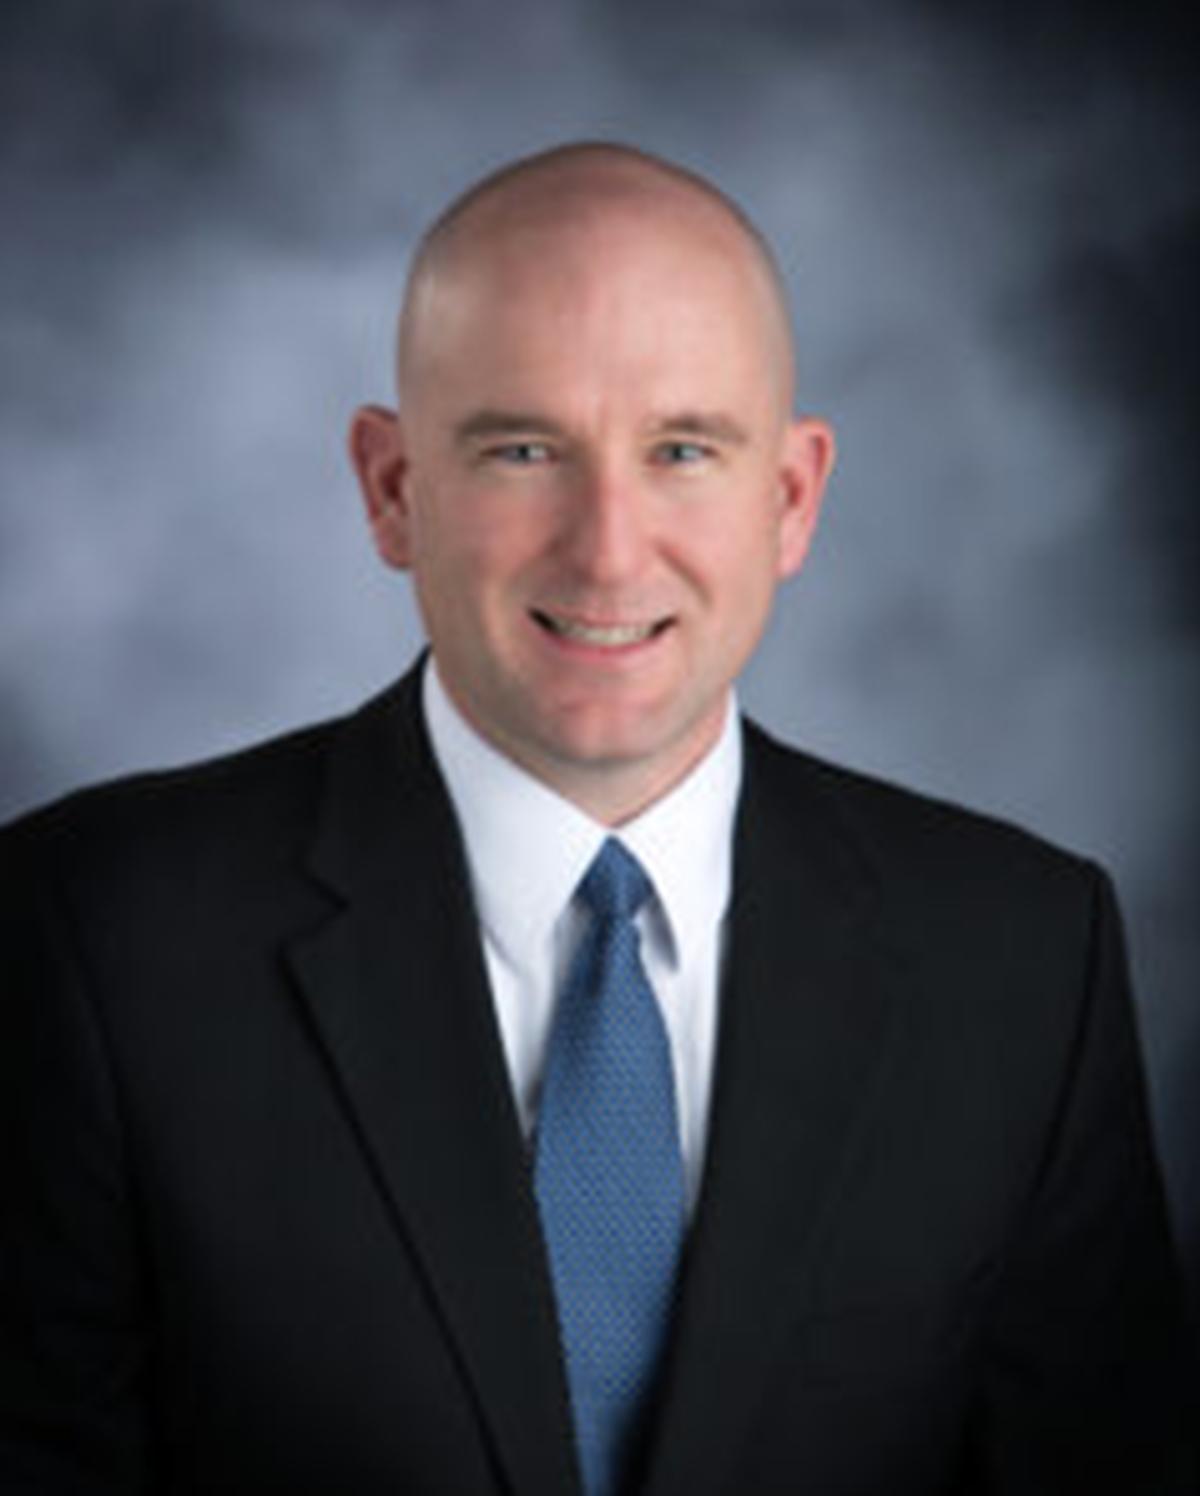 Scott A. Becker, CPA, CFP